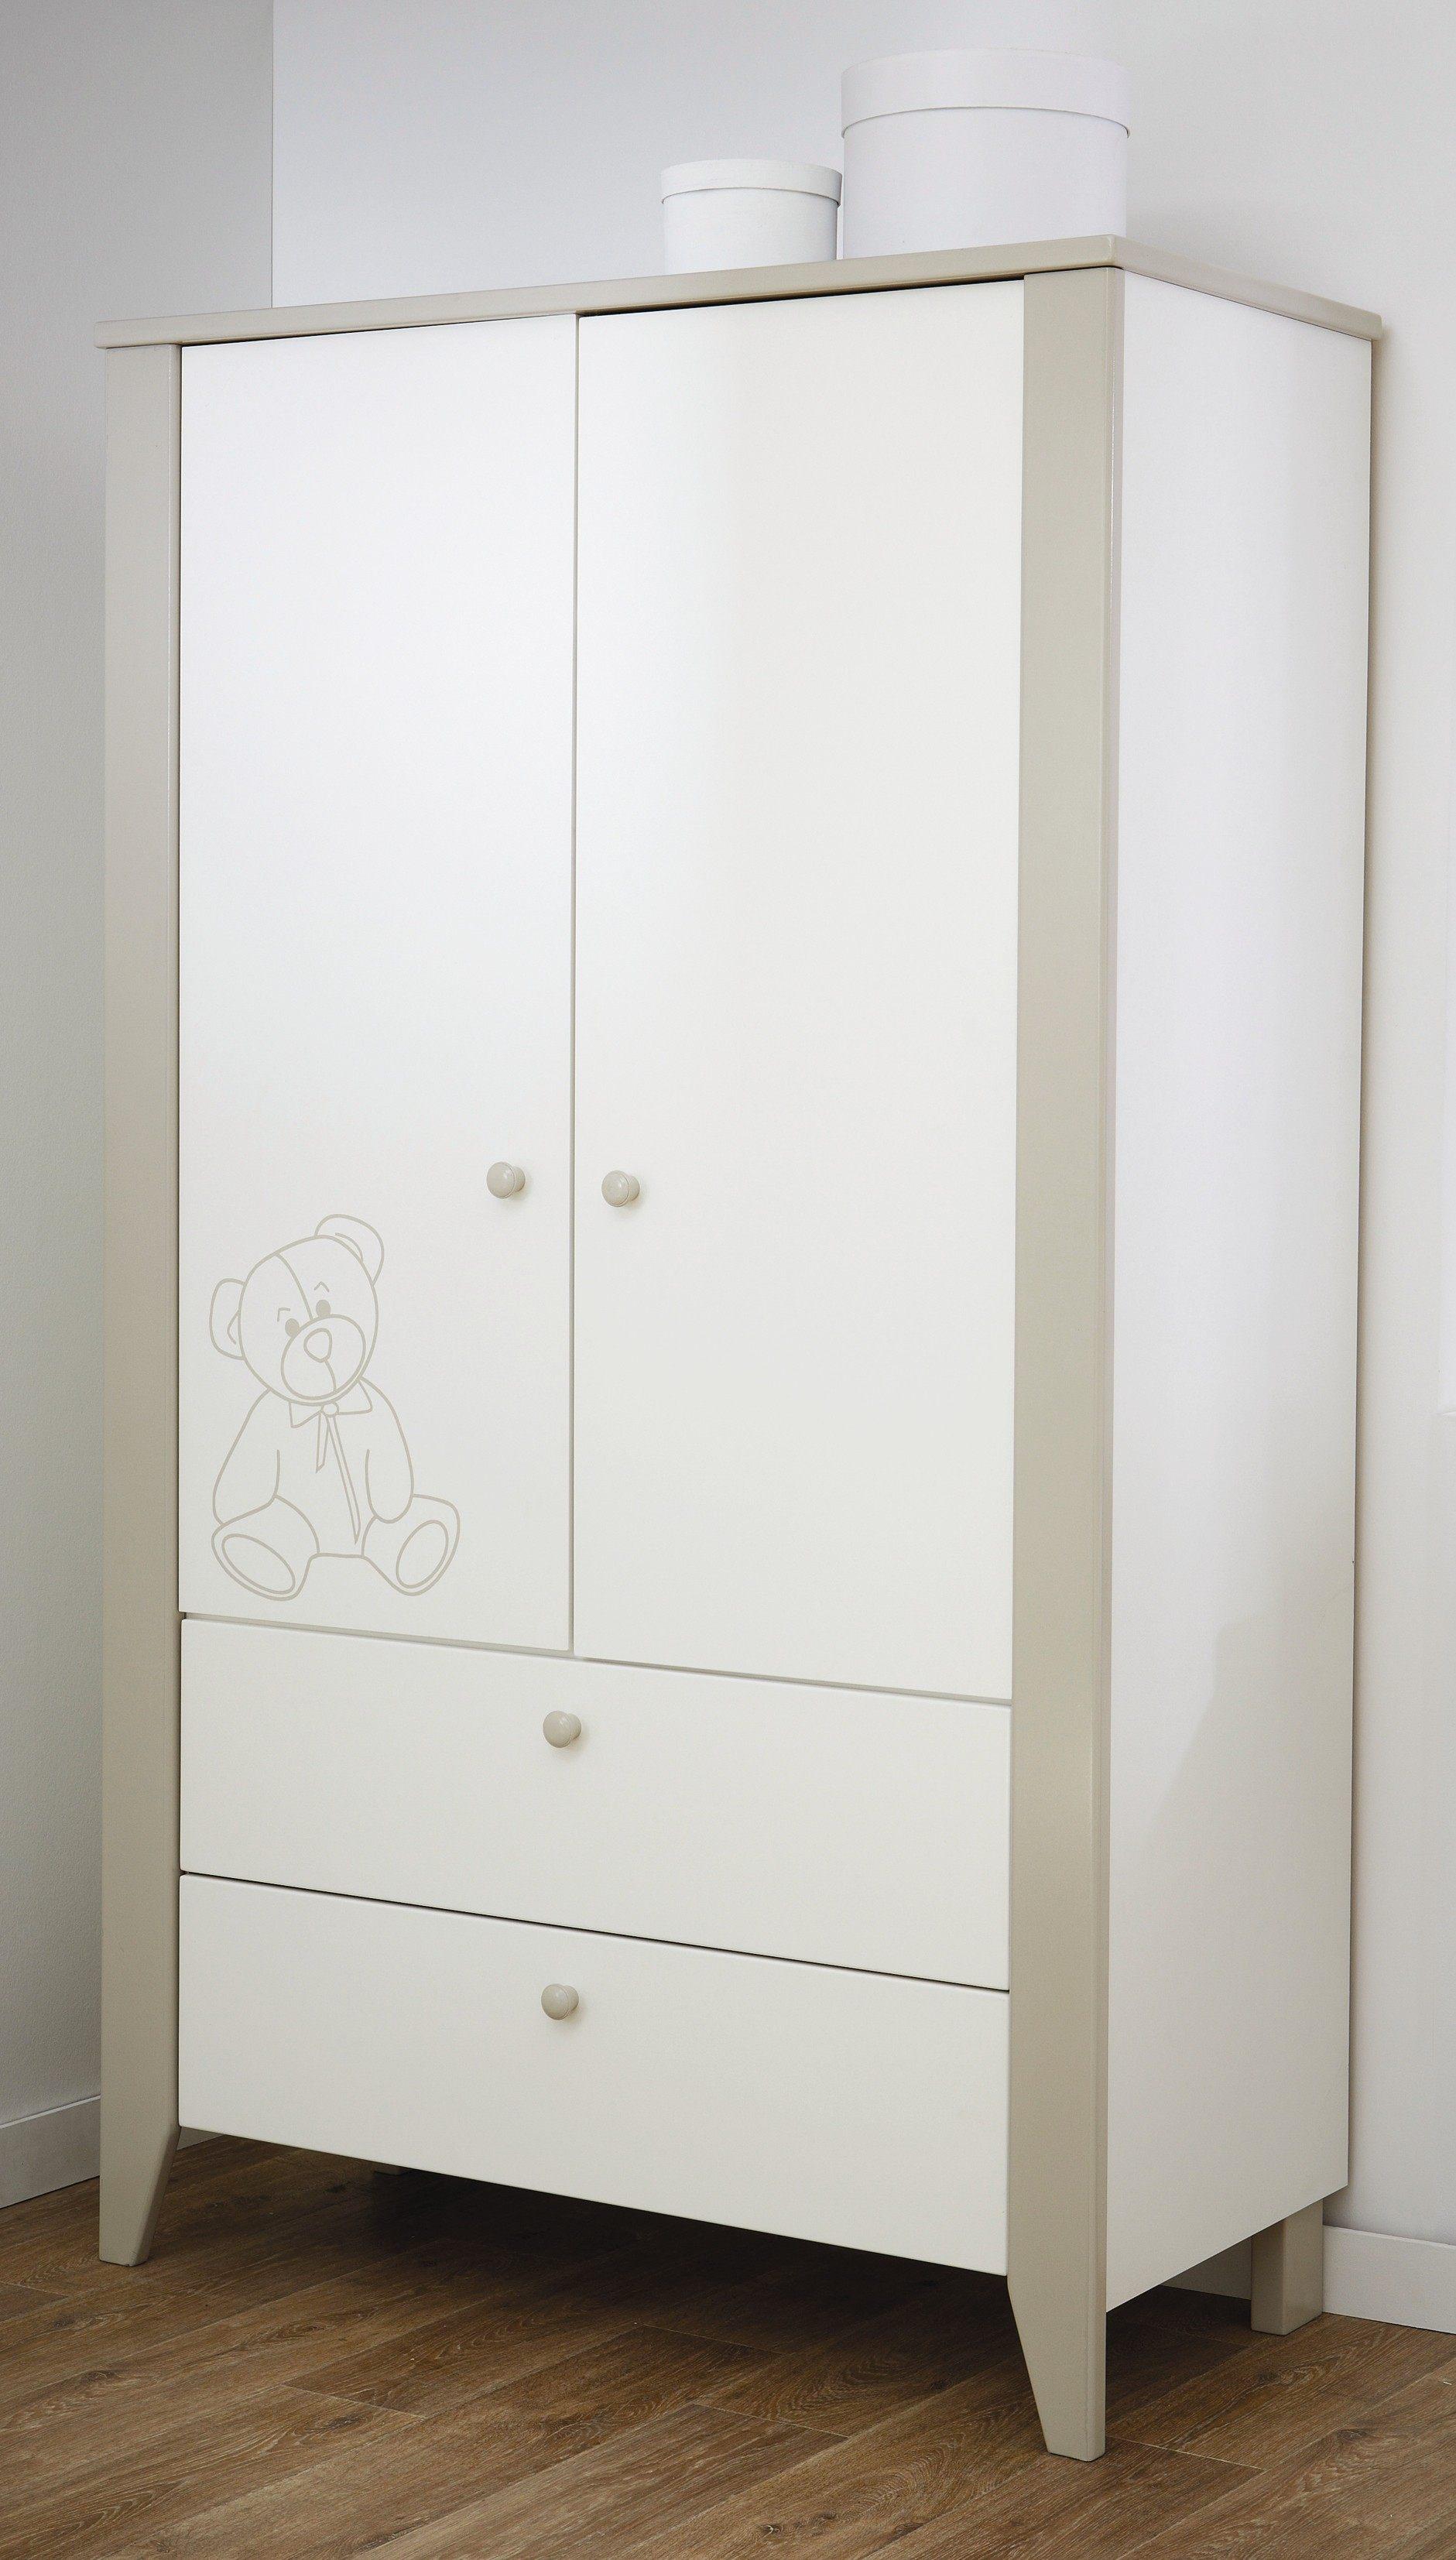 Lit Superposé Enfant Pas Cher Unique Lit Biné Armoire Lovely Lit Bureau Armoire Biné élégant Lit